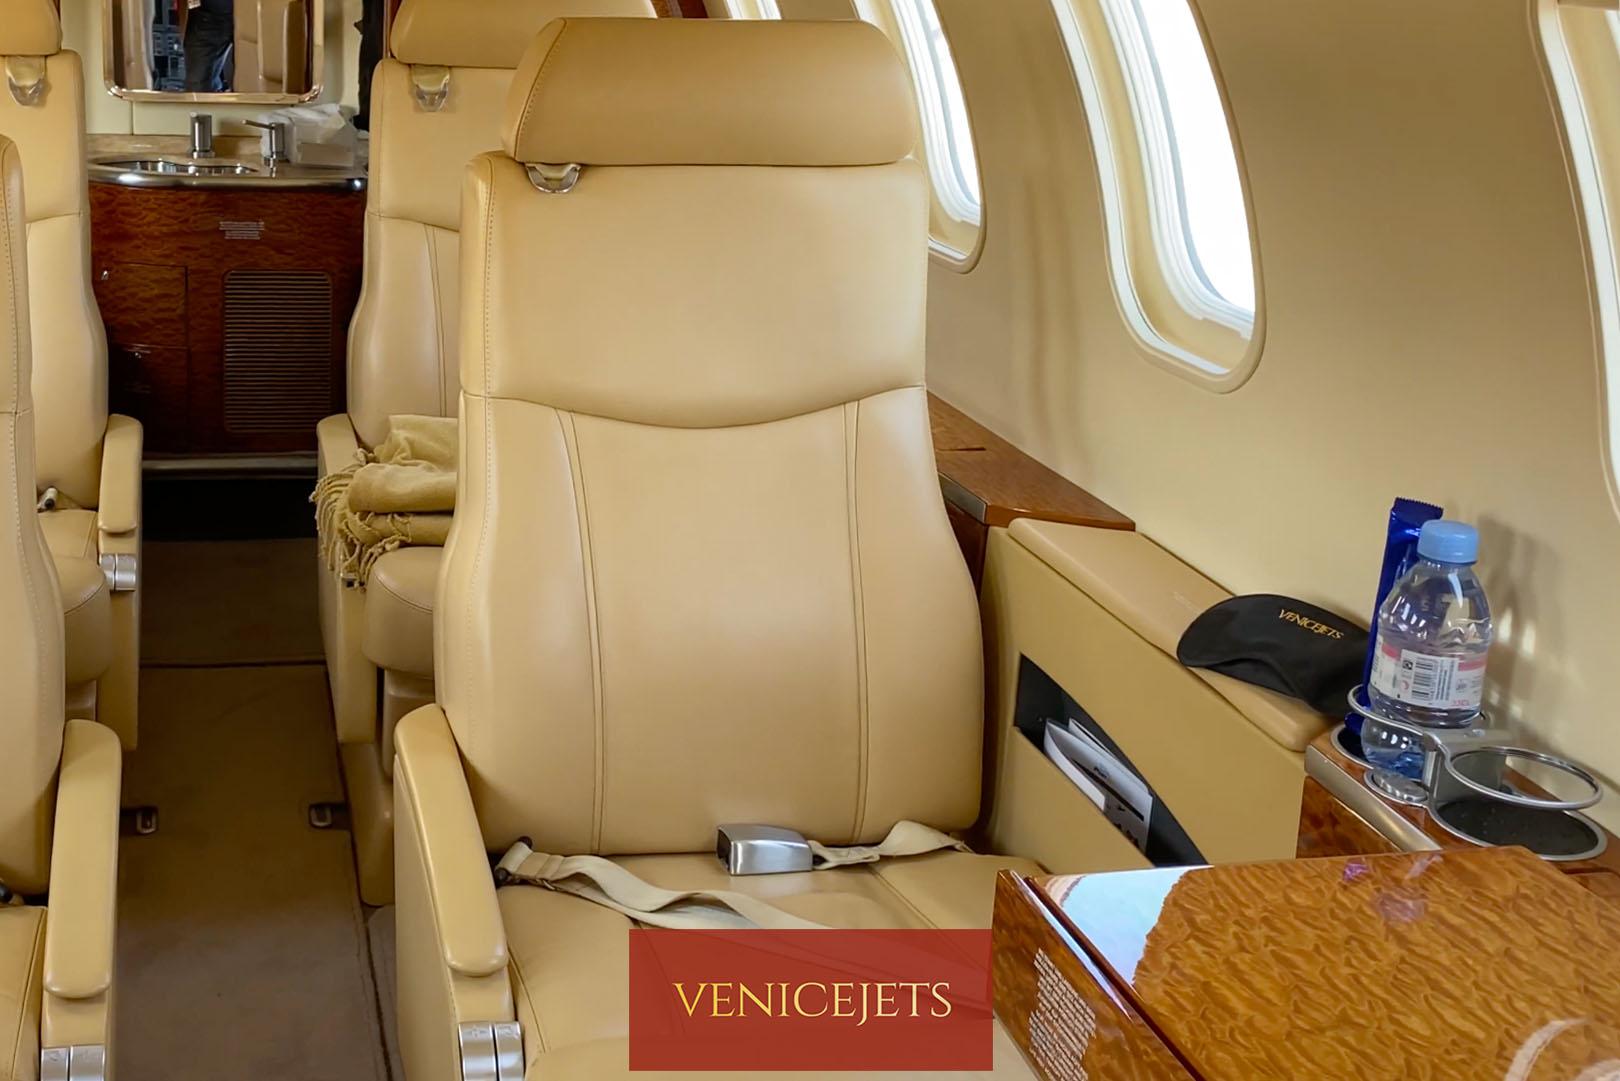 Learjet 40 - front